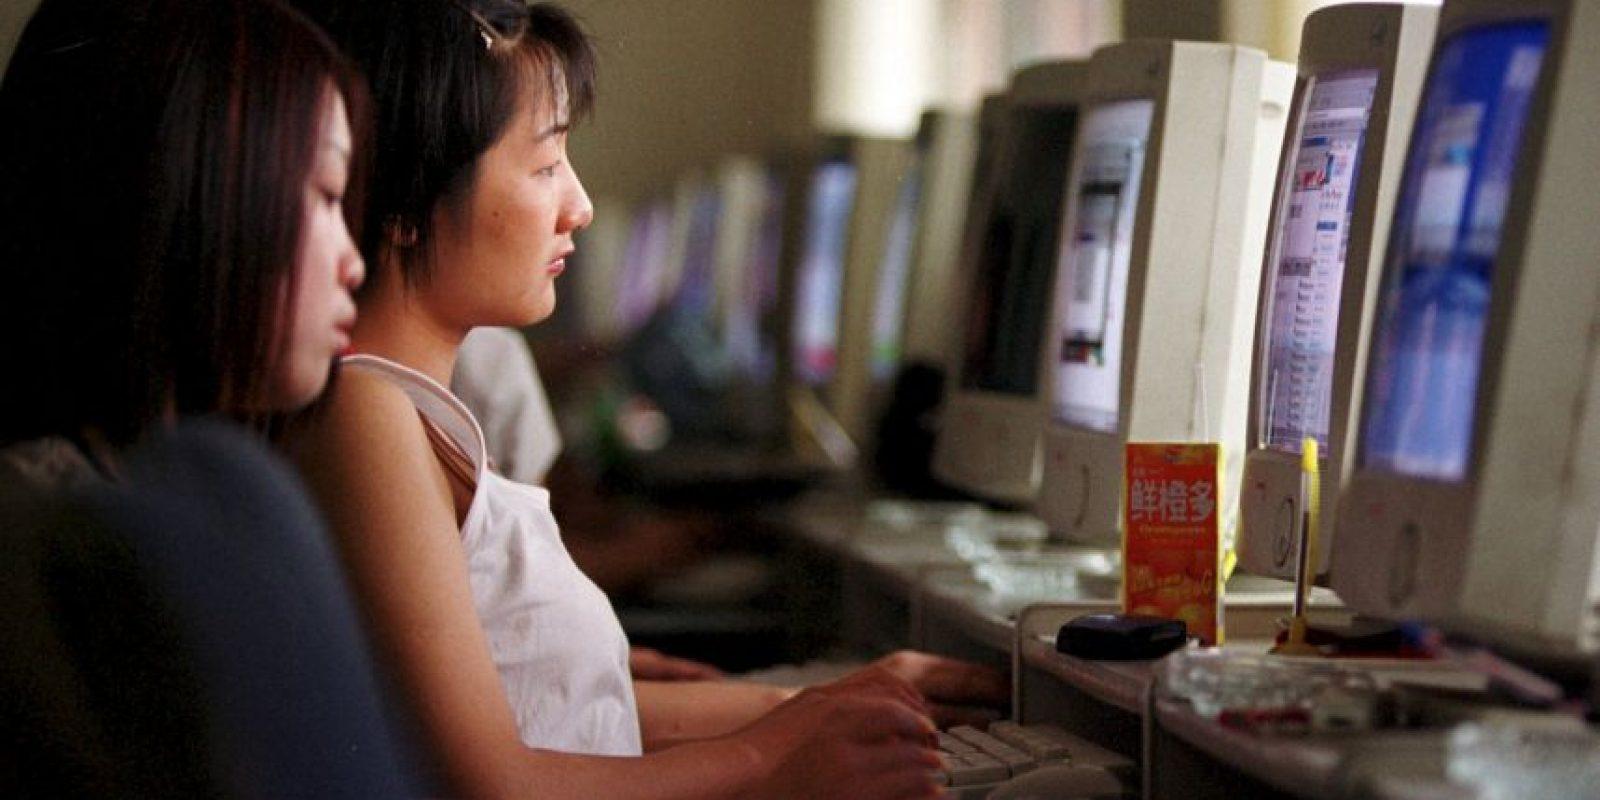 """Un reciente estudio realizado por el sitio web español """"enfemenino.com"""" en conjunto con """"Ebay.com"""" reveló que el 17% de las mujeres consulta su celular mientras tiene sexo Foto:Getty Images"""